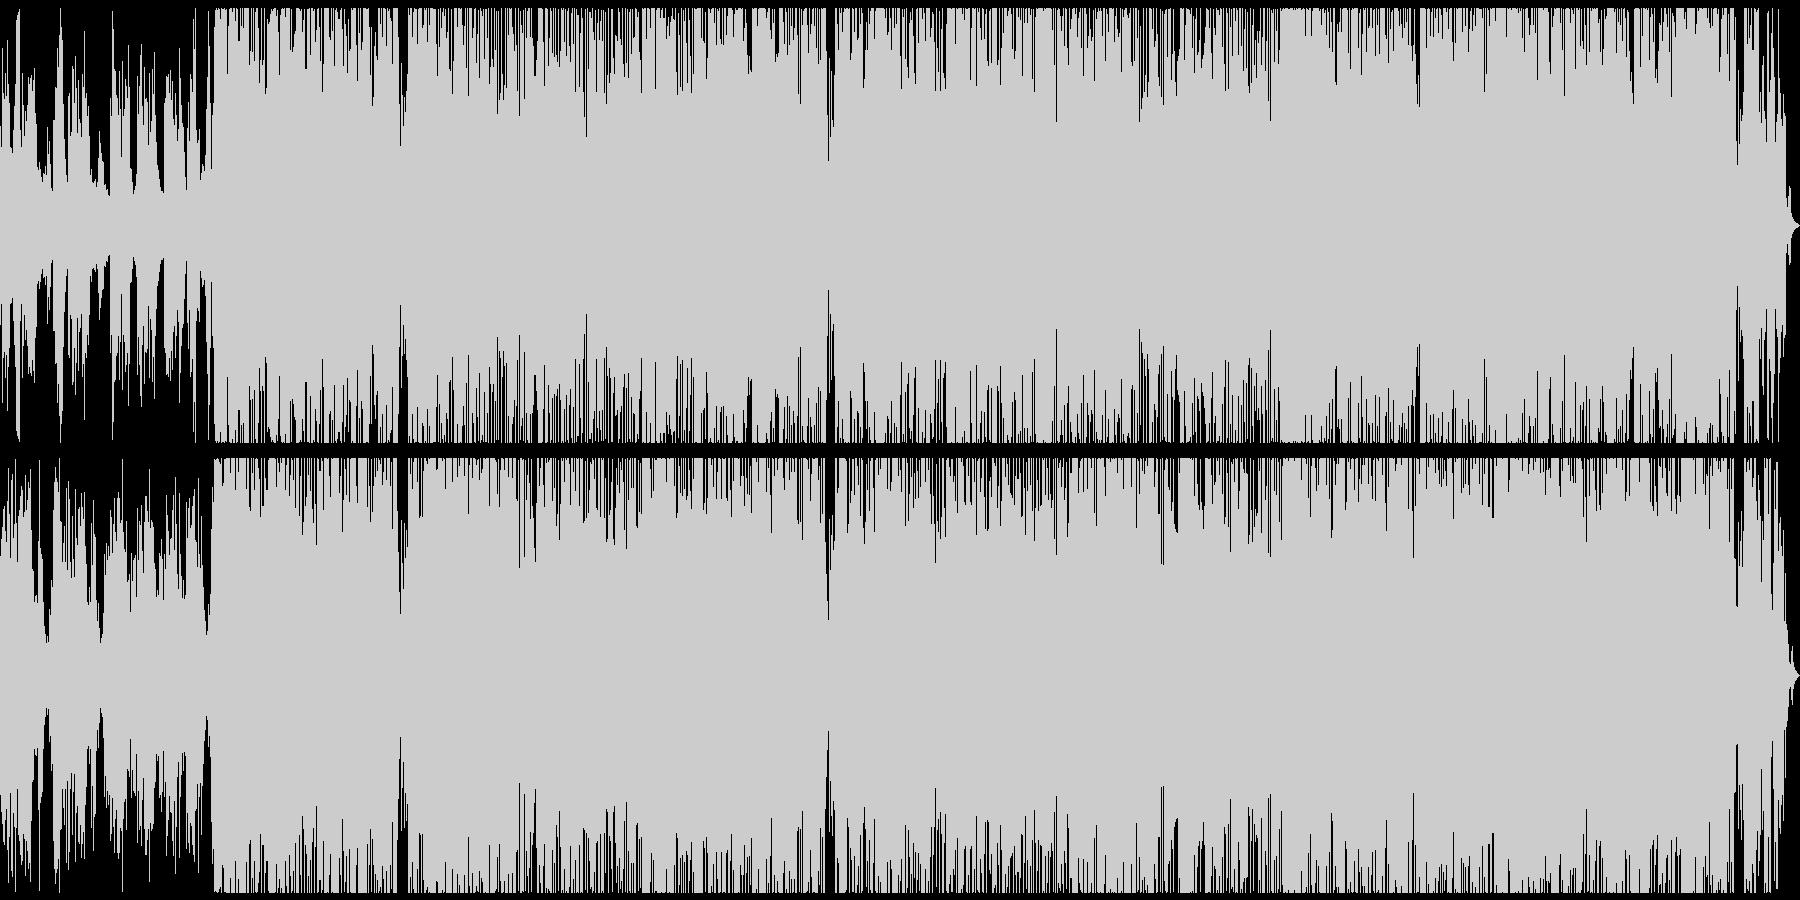 シタールとハープが春にピッタリのポップスの未再生の波形